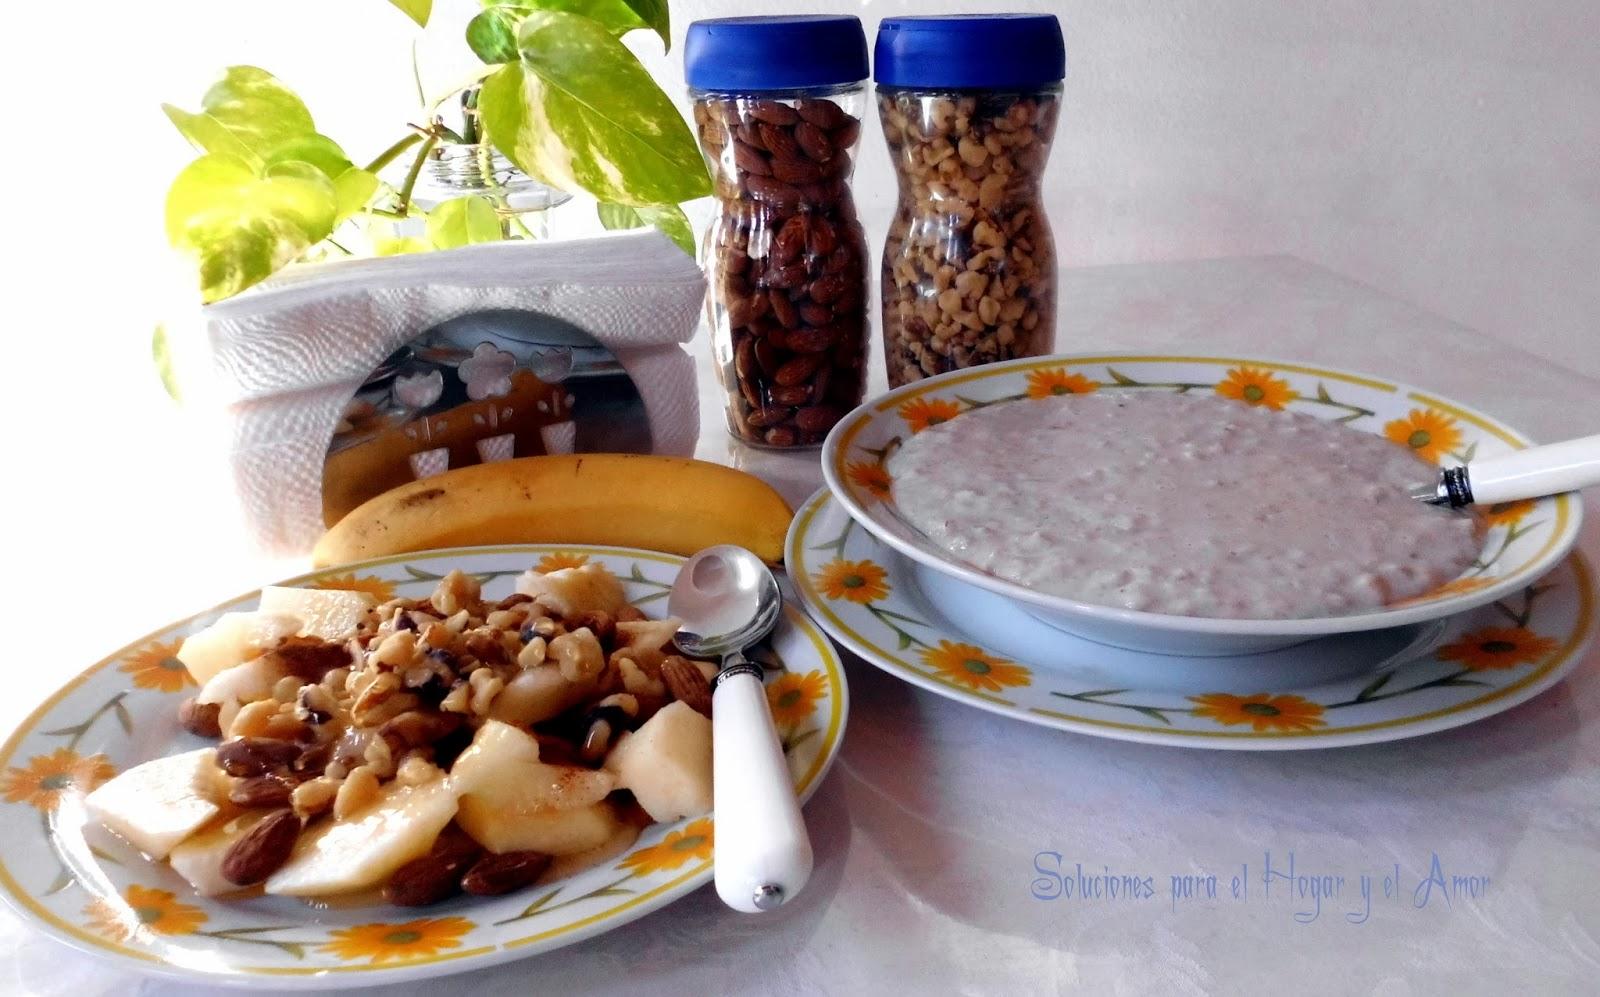 Desayuno sano, nutritivo y natural